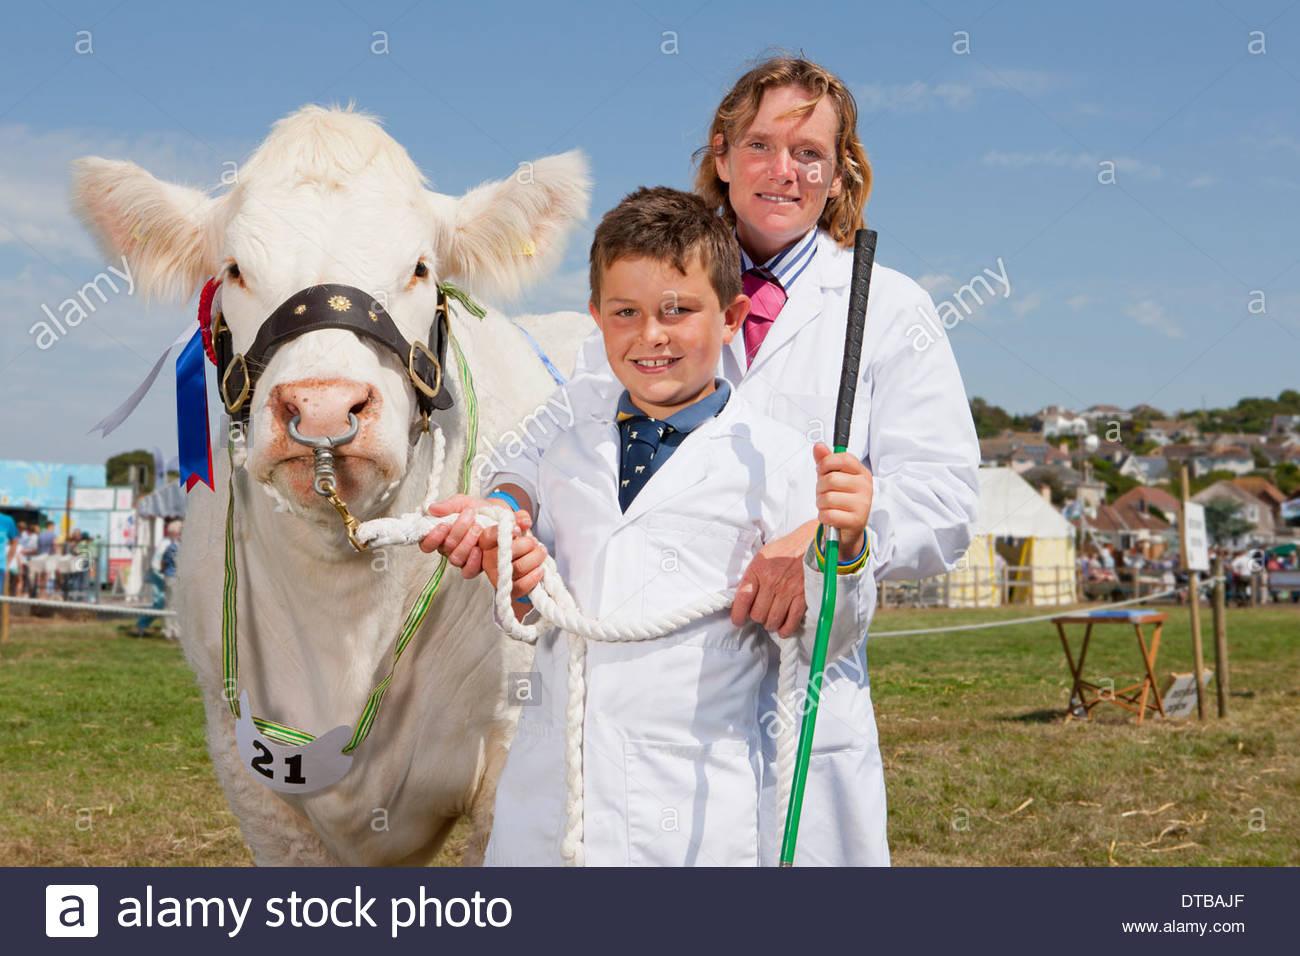 La madre e il figlio con il vincitore del premio vacca a spettacolo agricolo Immagini Stock